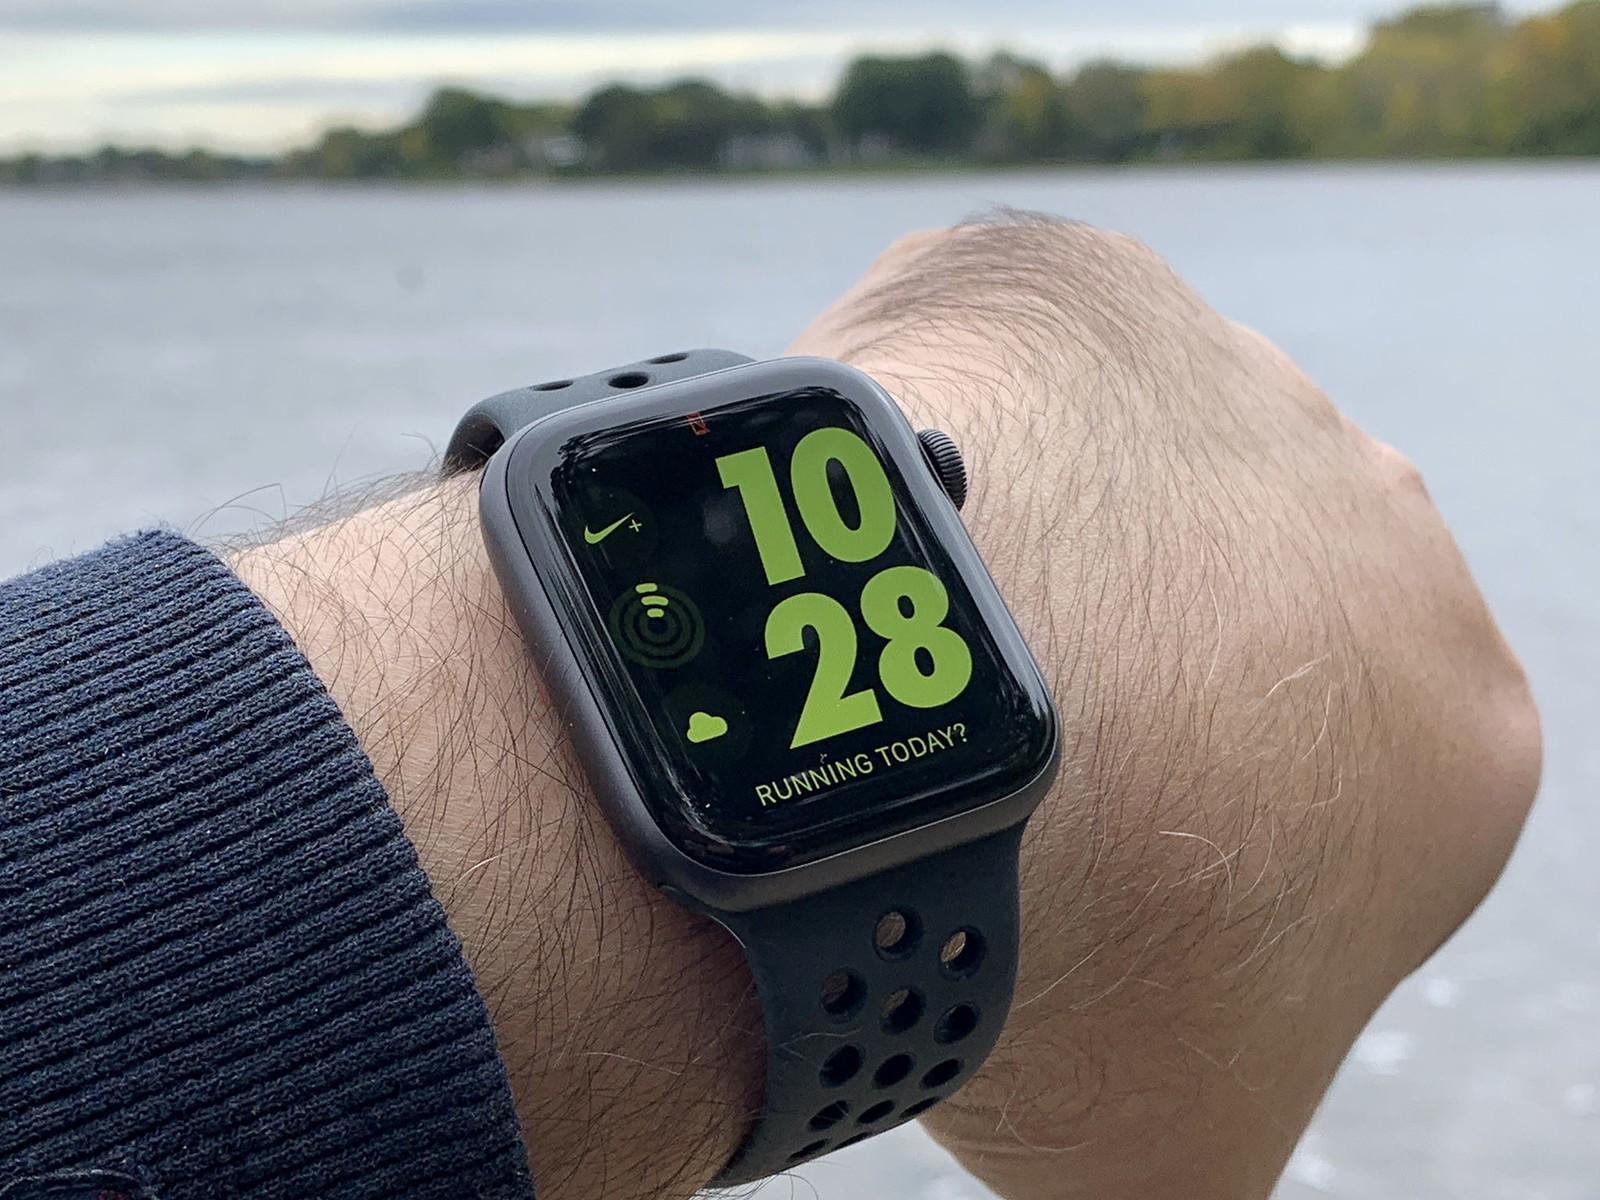 เล อกอ นไหนด ระหว าง Apple Watch 4 Nike ก บ Garmin Forerunner 235